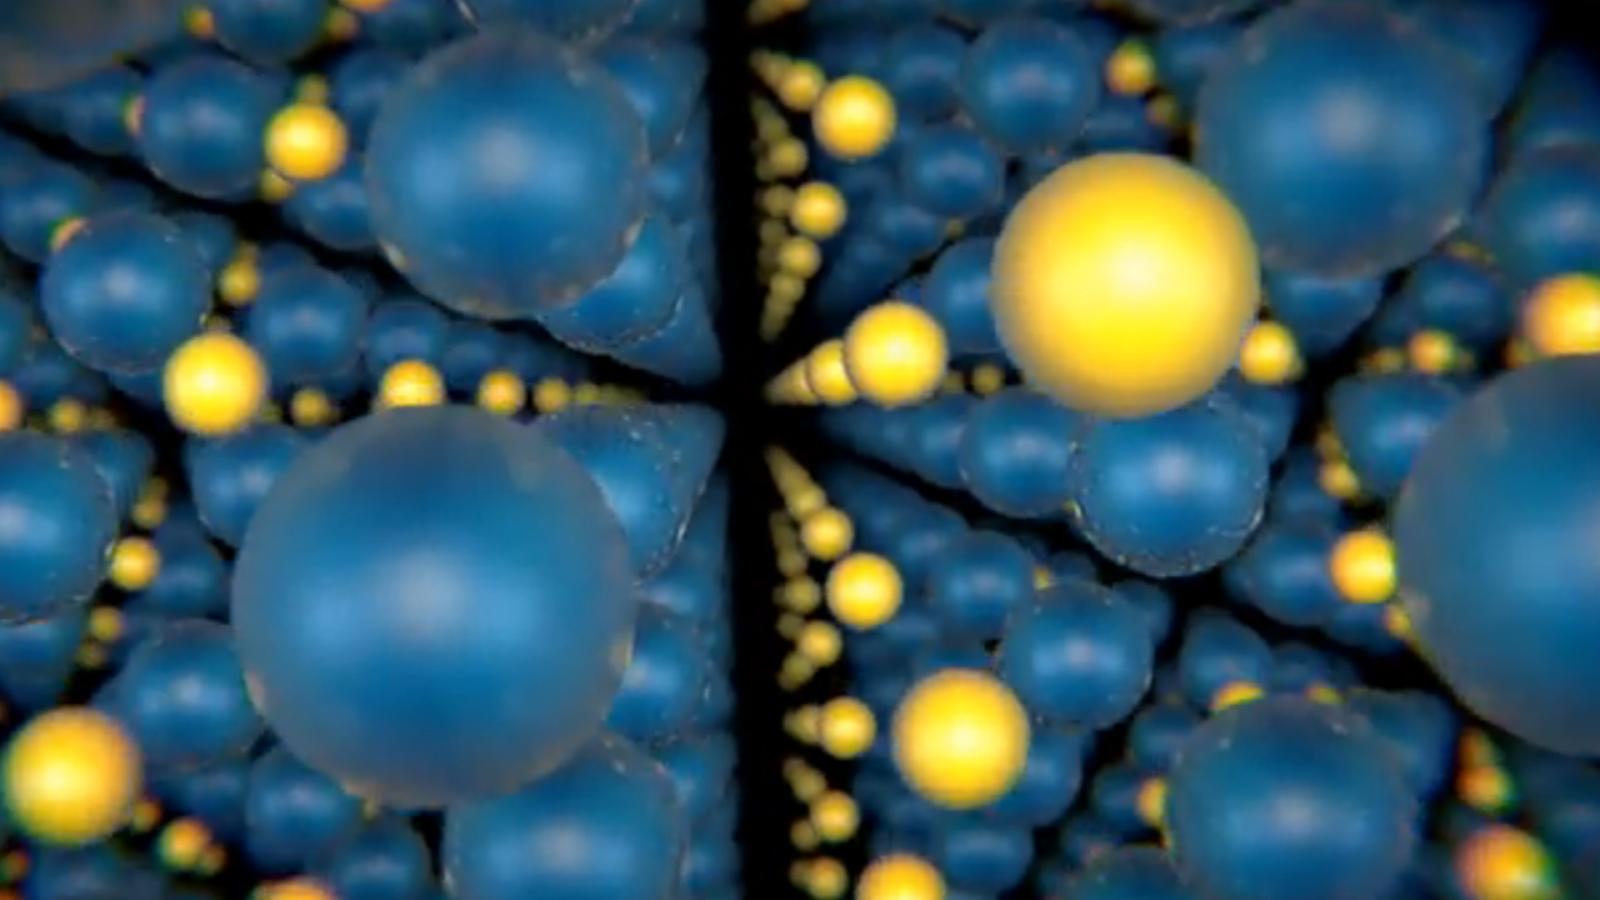 Física de la Materia Condensada para definir la sociedad presente y futura - Escuchar ahora